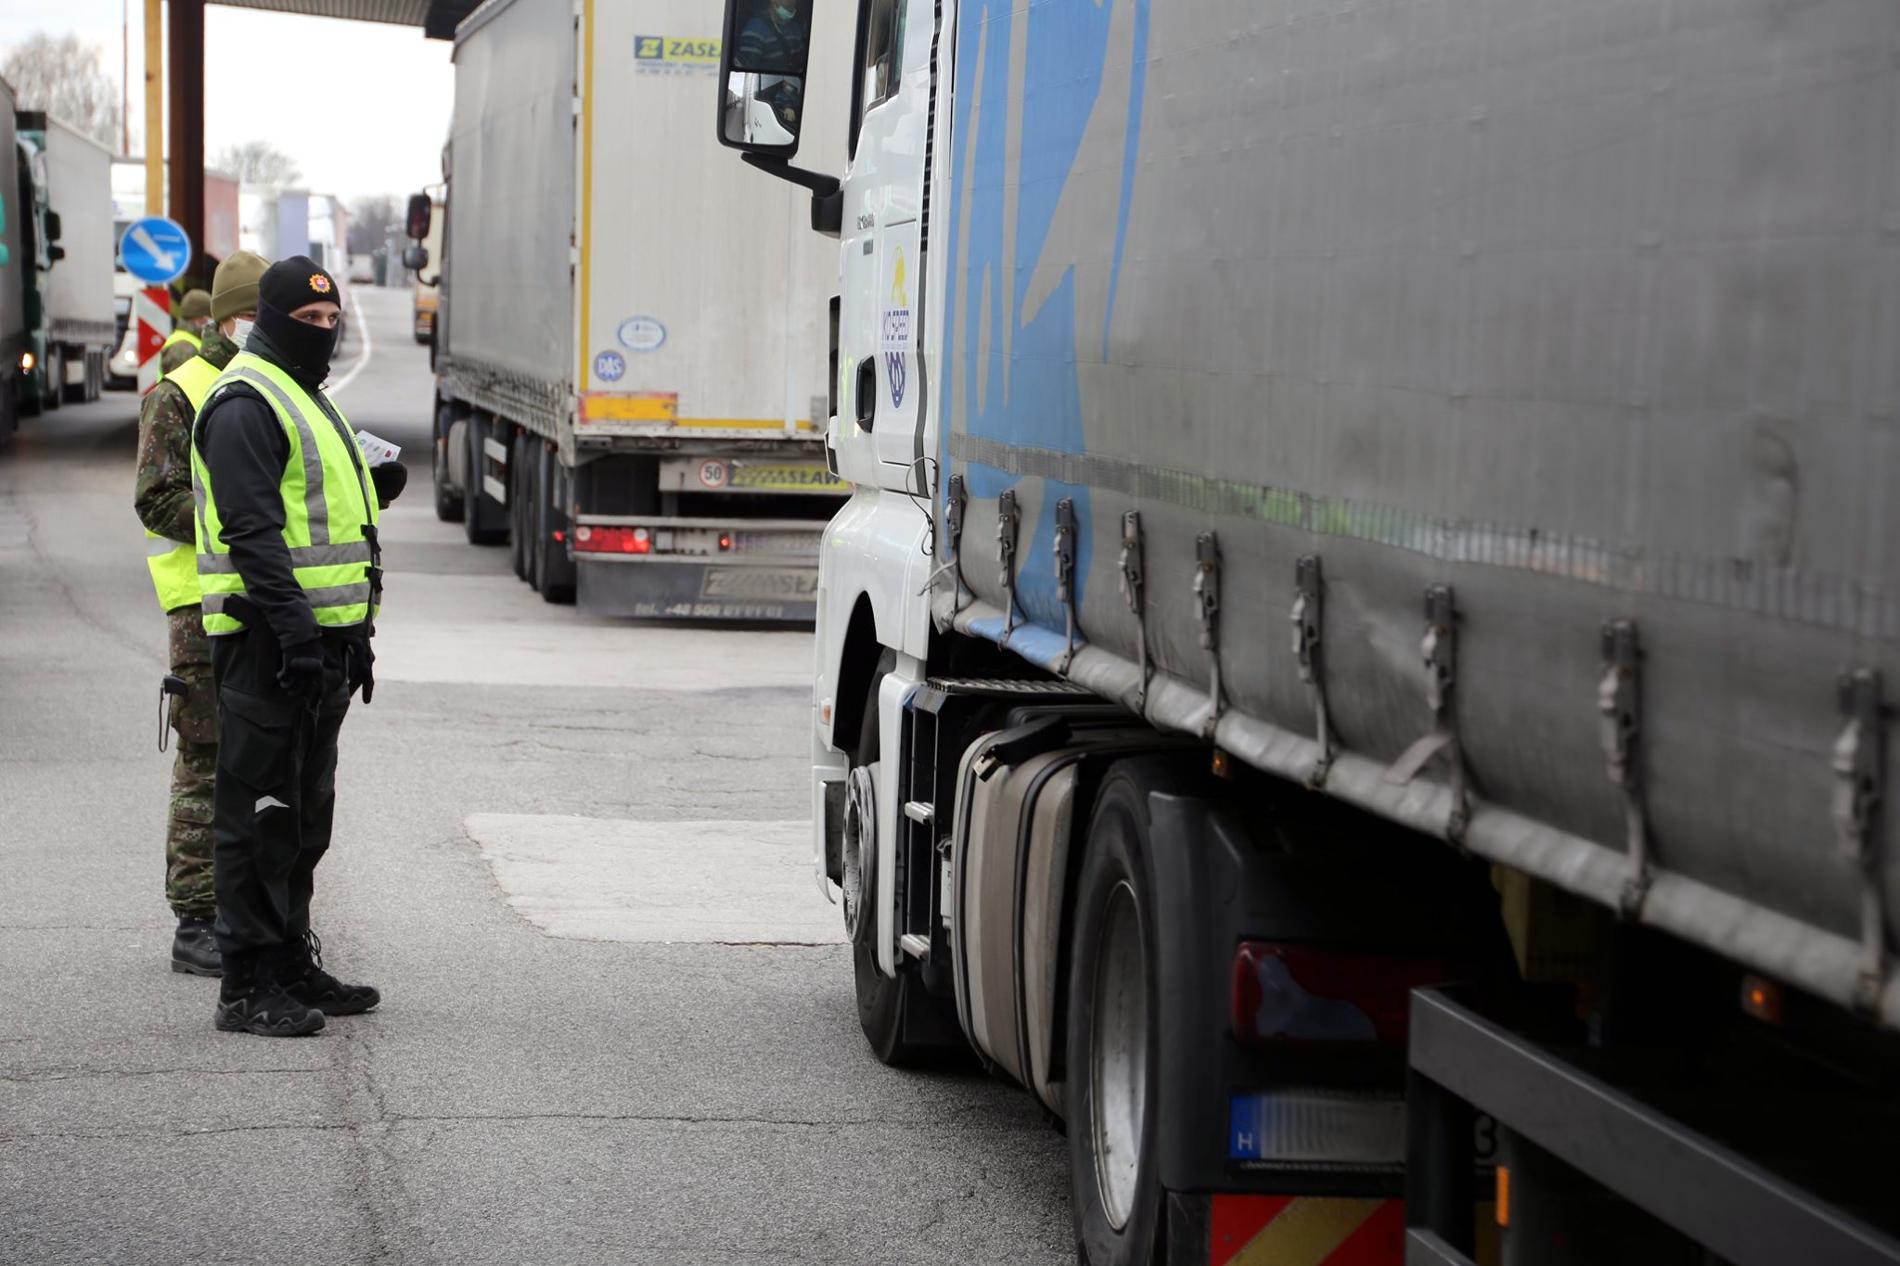 Nowa aplikacja dla kierowców. Pokaże czas oczekiwania na przekroczenie granic w UE